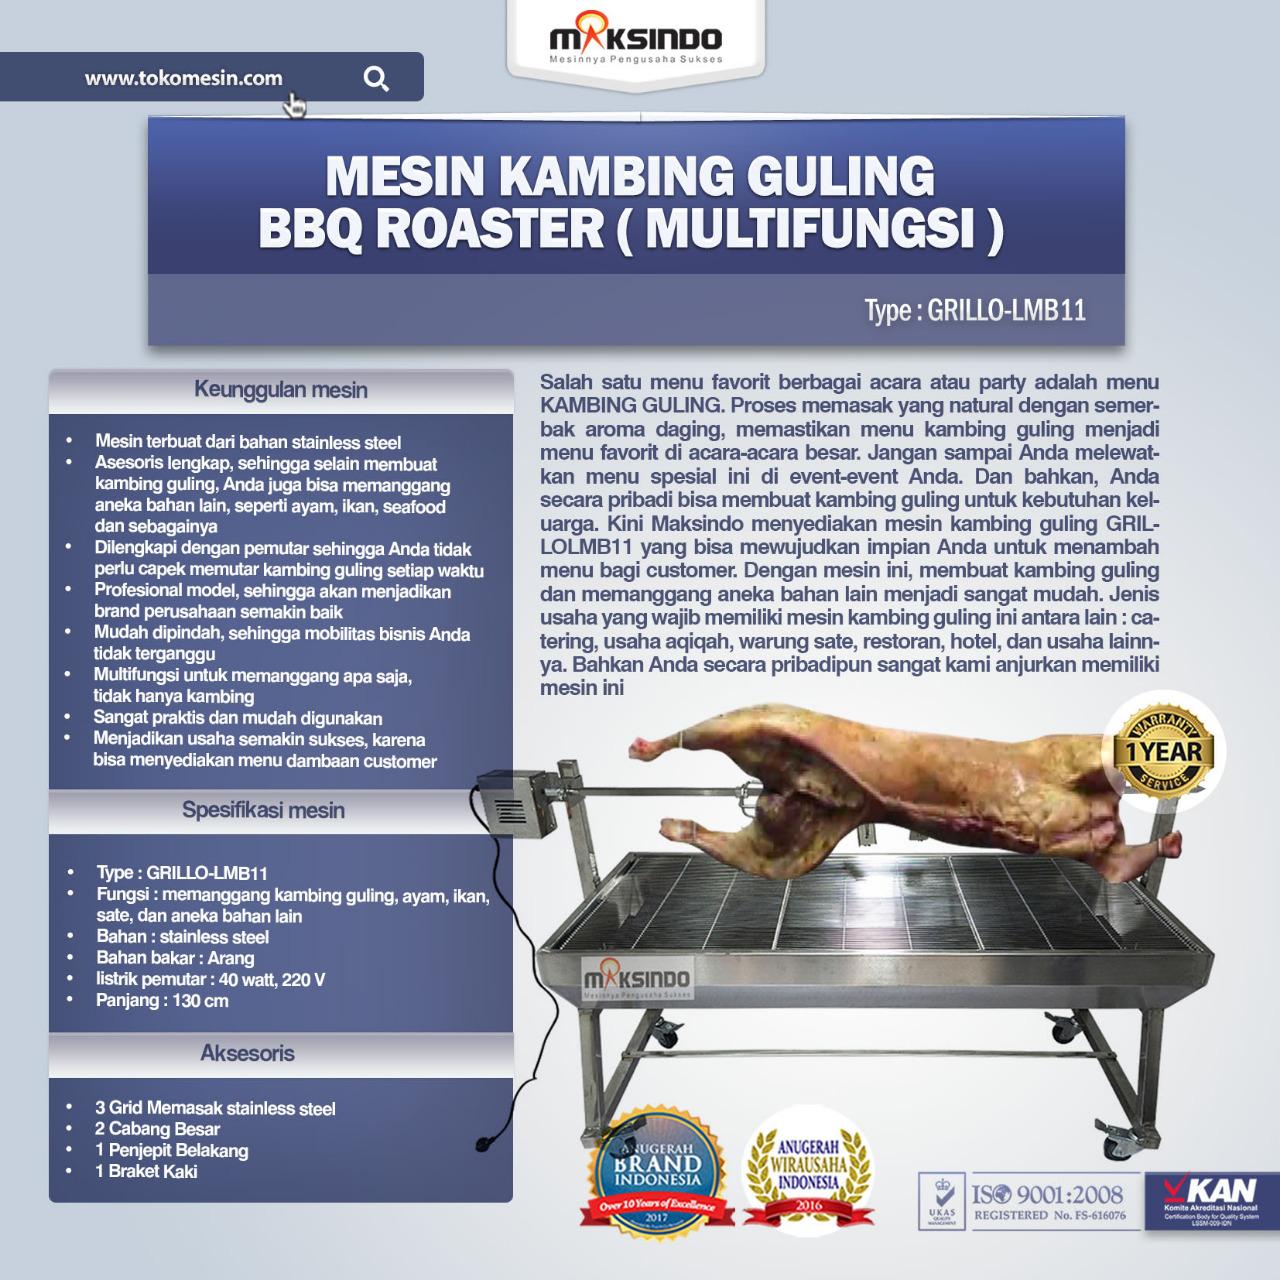 Jual Mesin Kambing Guling BBQ Roaster (GRILLO-LMB11) di Bekasi